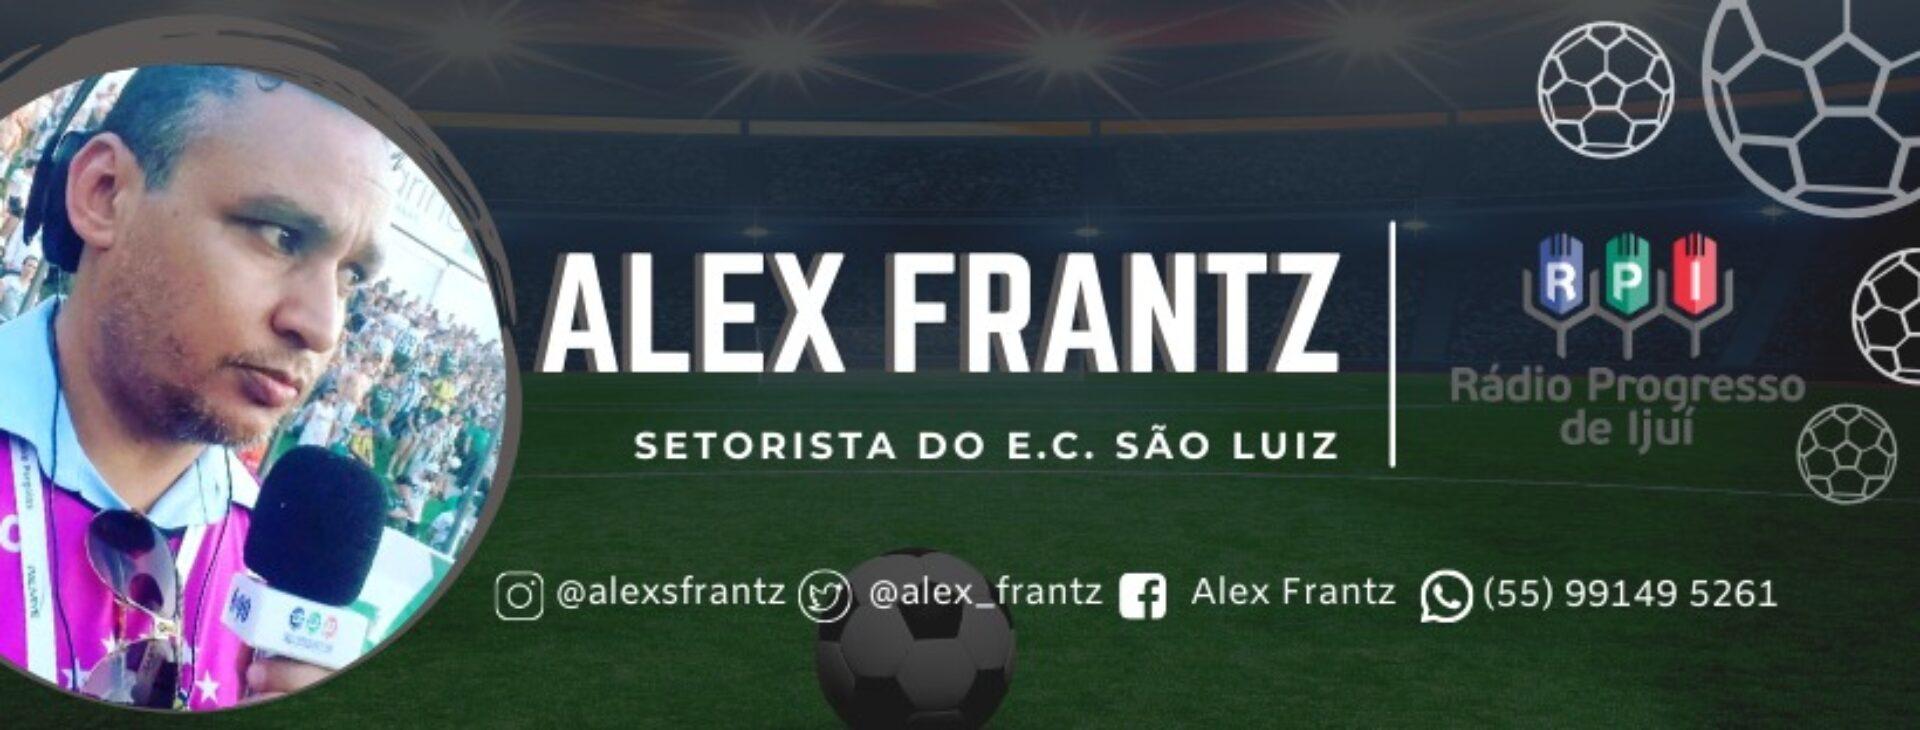 Alex Frantz